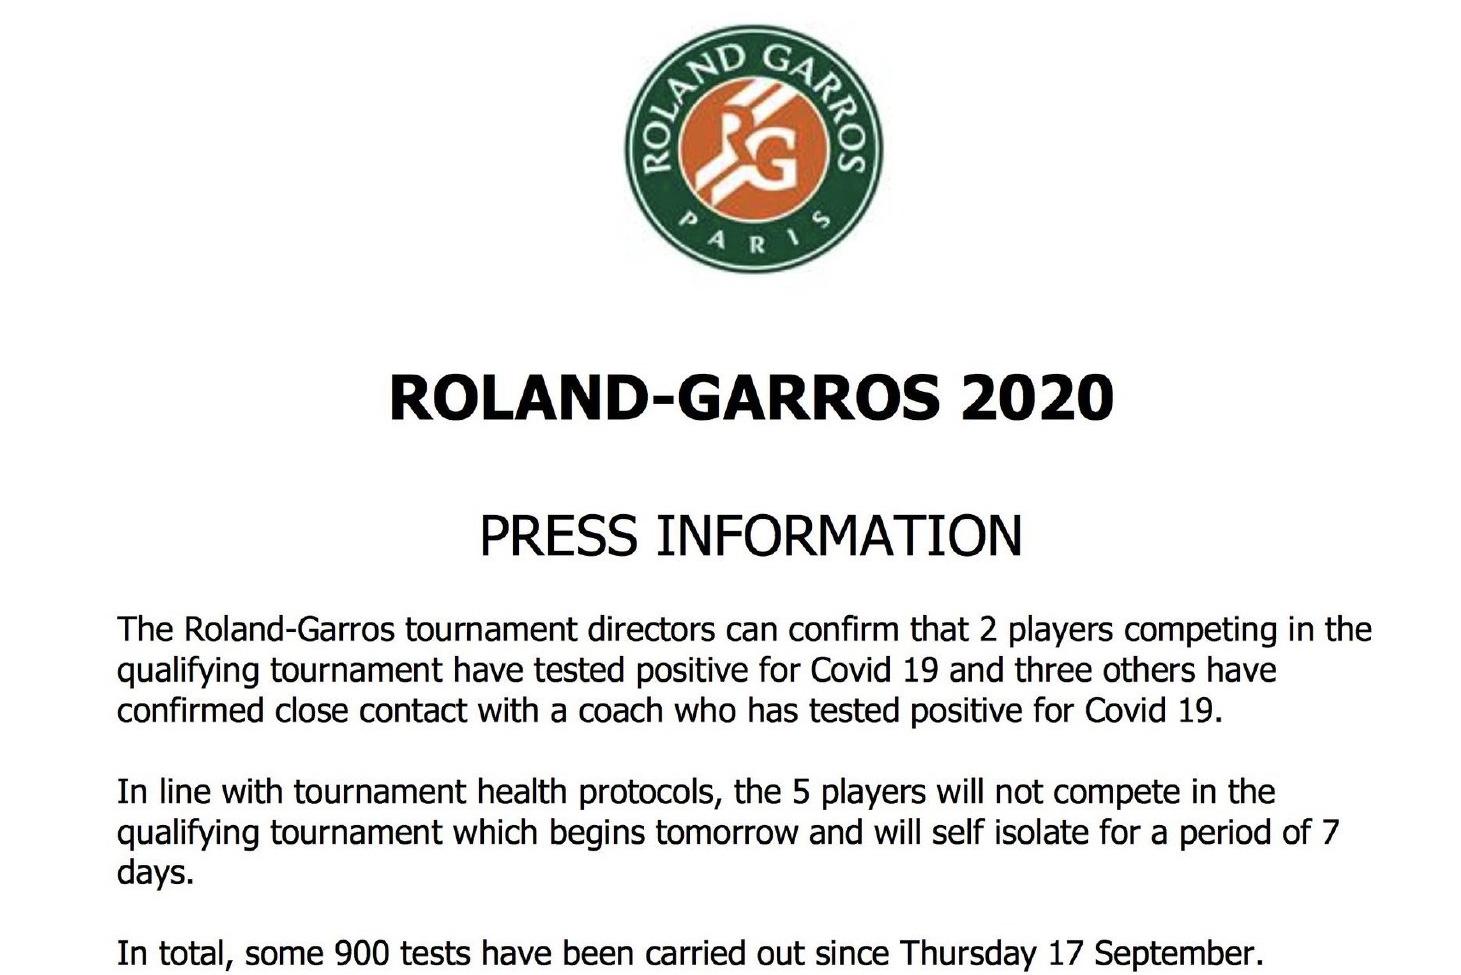 法网宣布5名球员因疫情退赛。网络截图